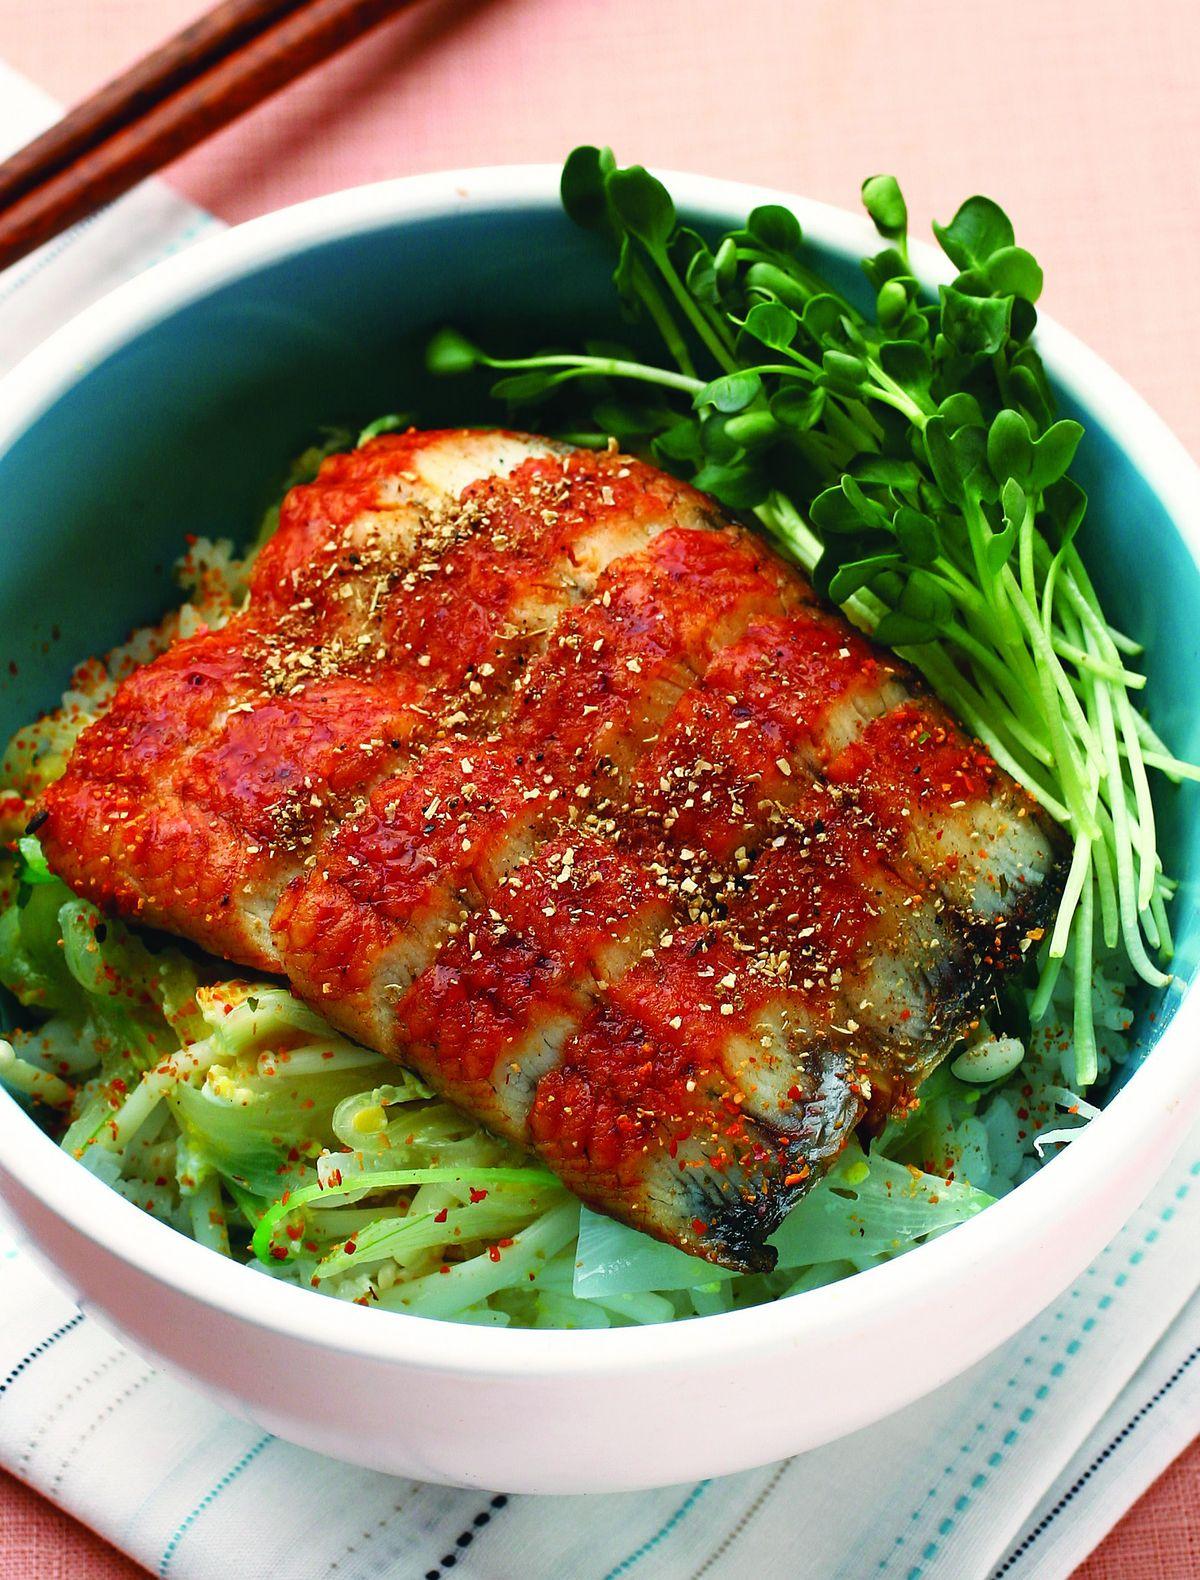 食譜:鰻魚柳川蓋飯